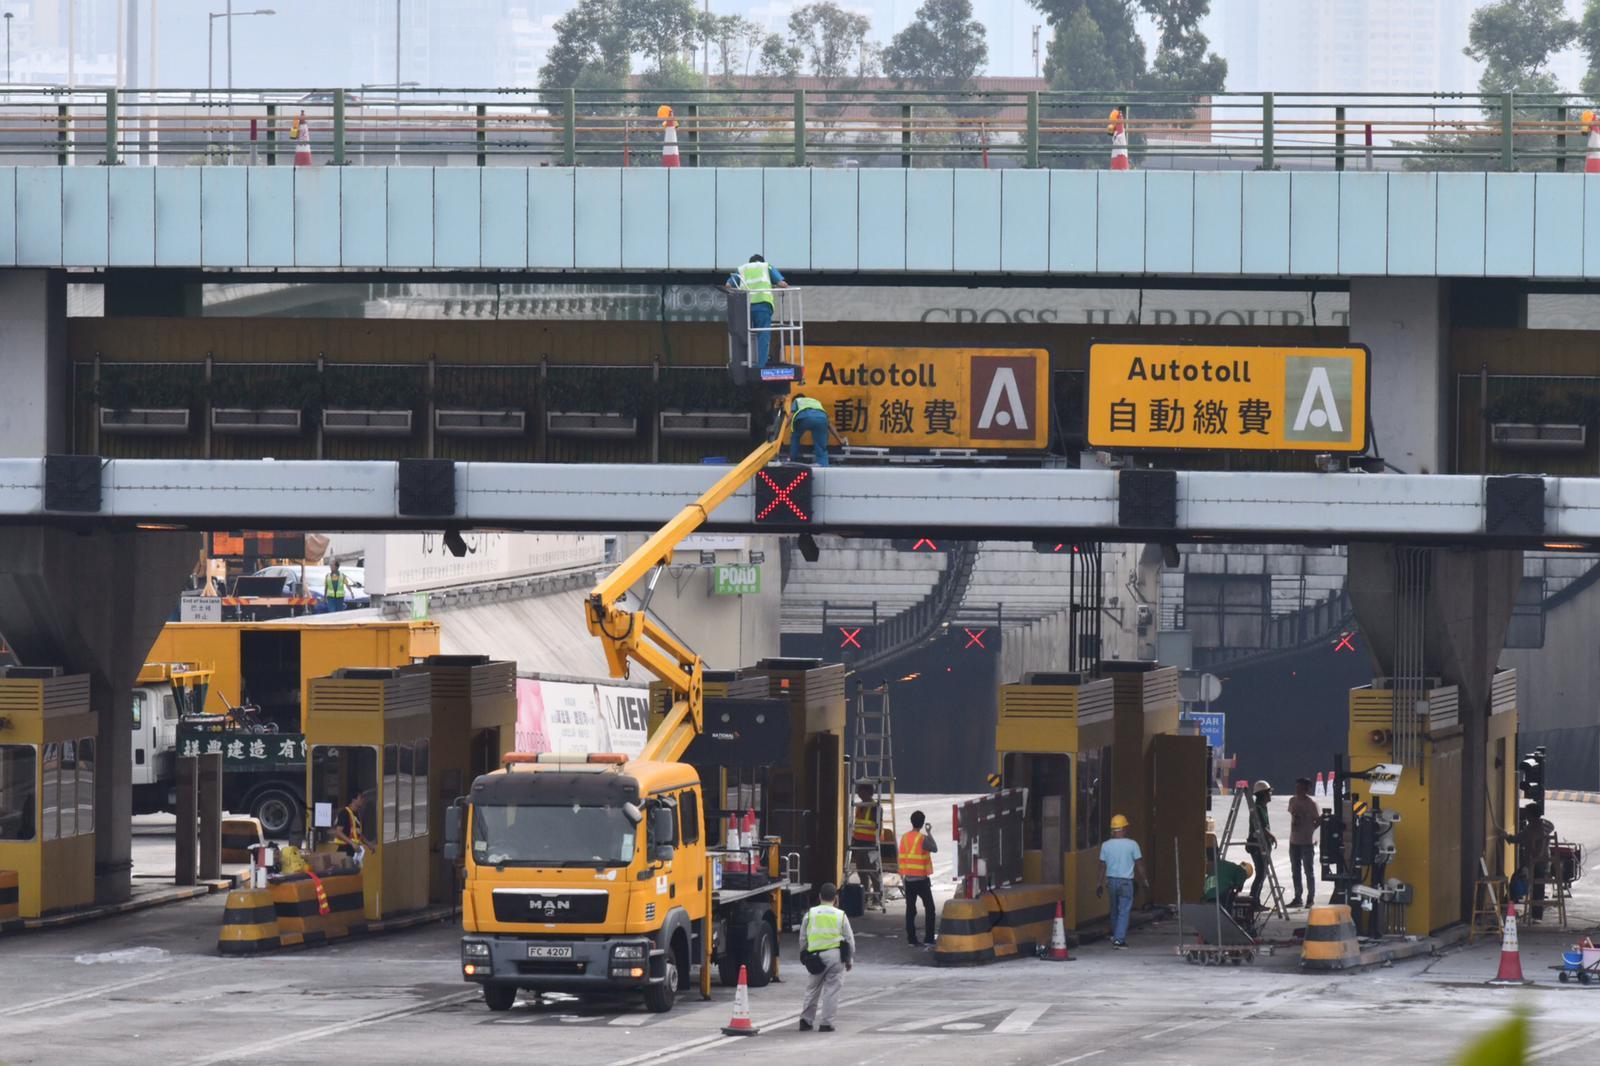 红隧明早重开 新巴城巴九巴将恢復原有路缐服务